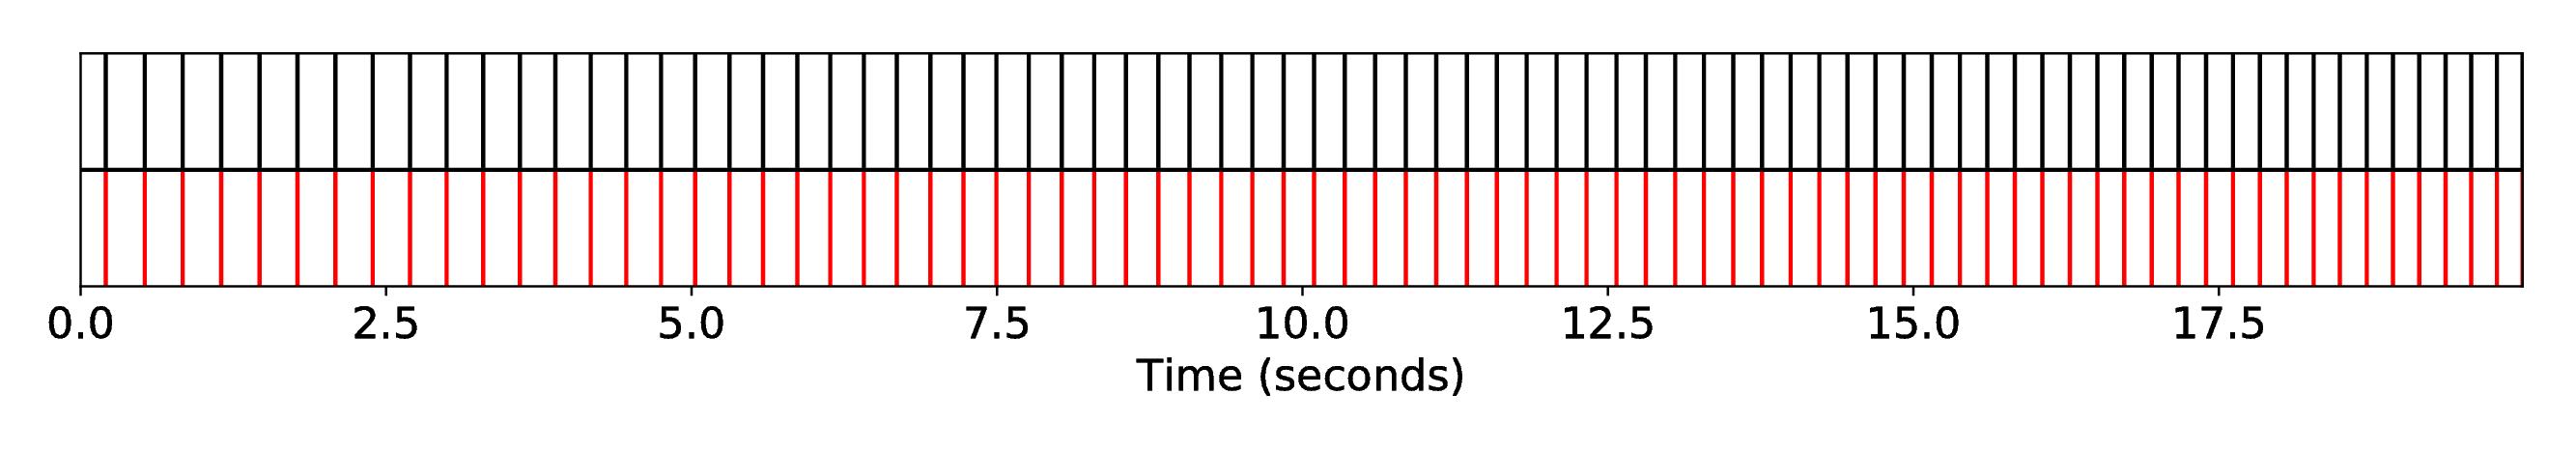 DP1_INT1_R-RW-Train__S-Bach__SequenceAlignment